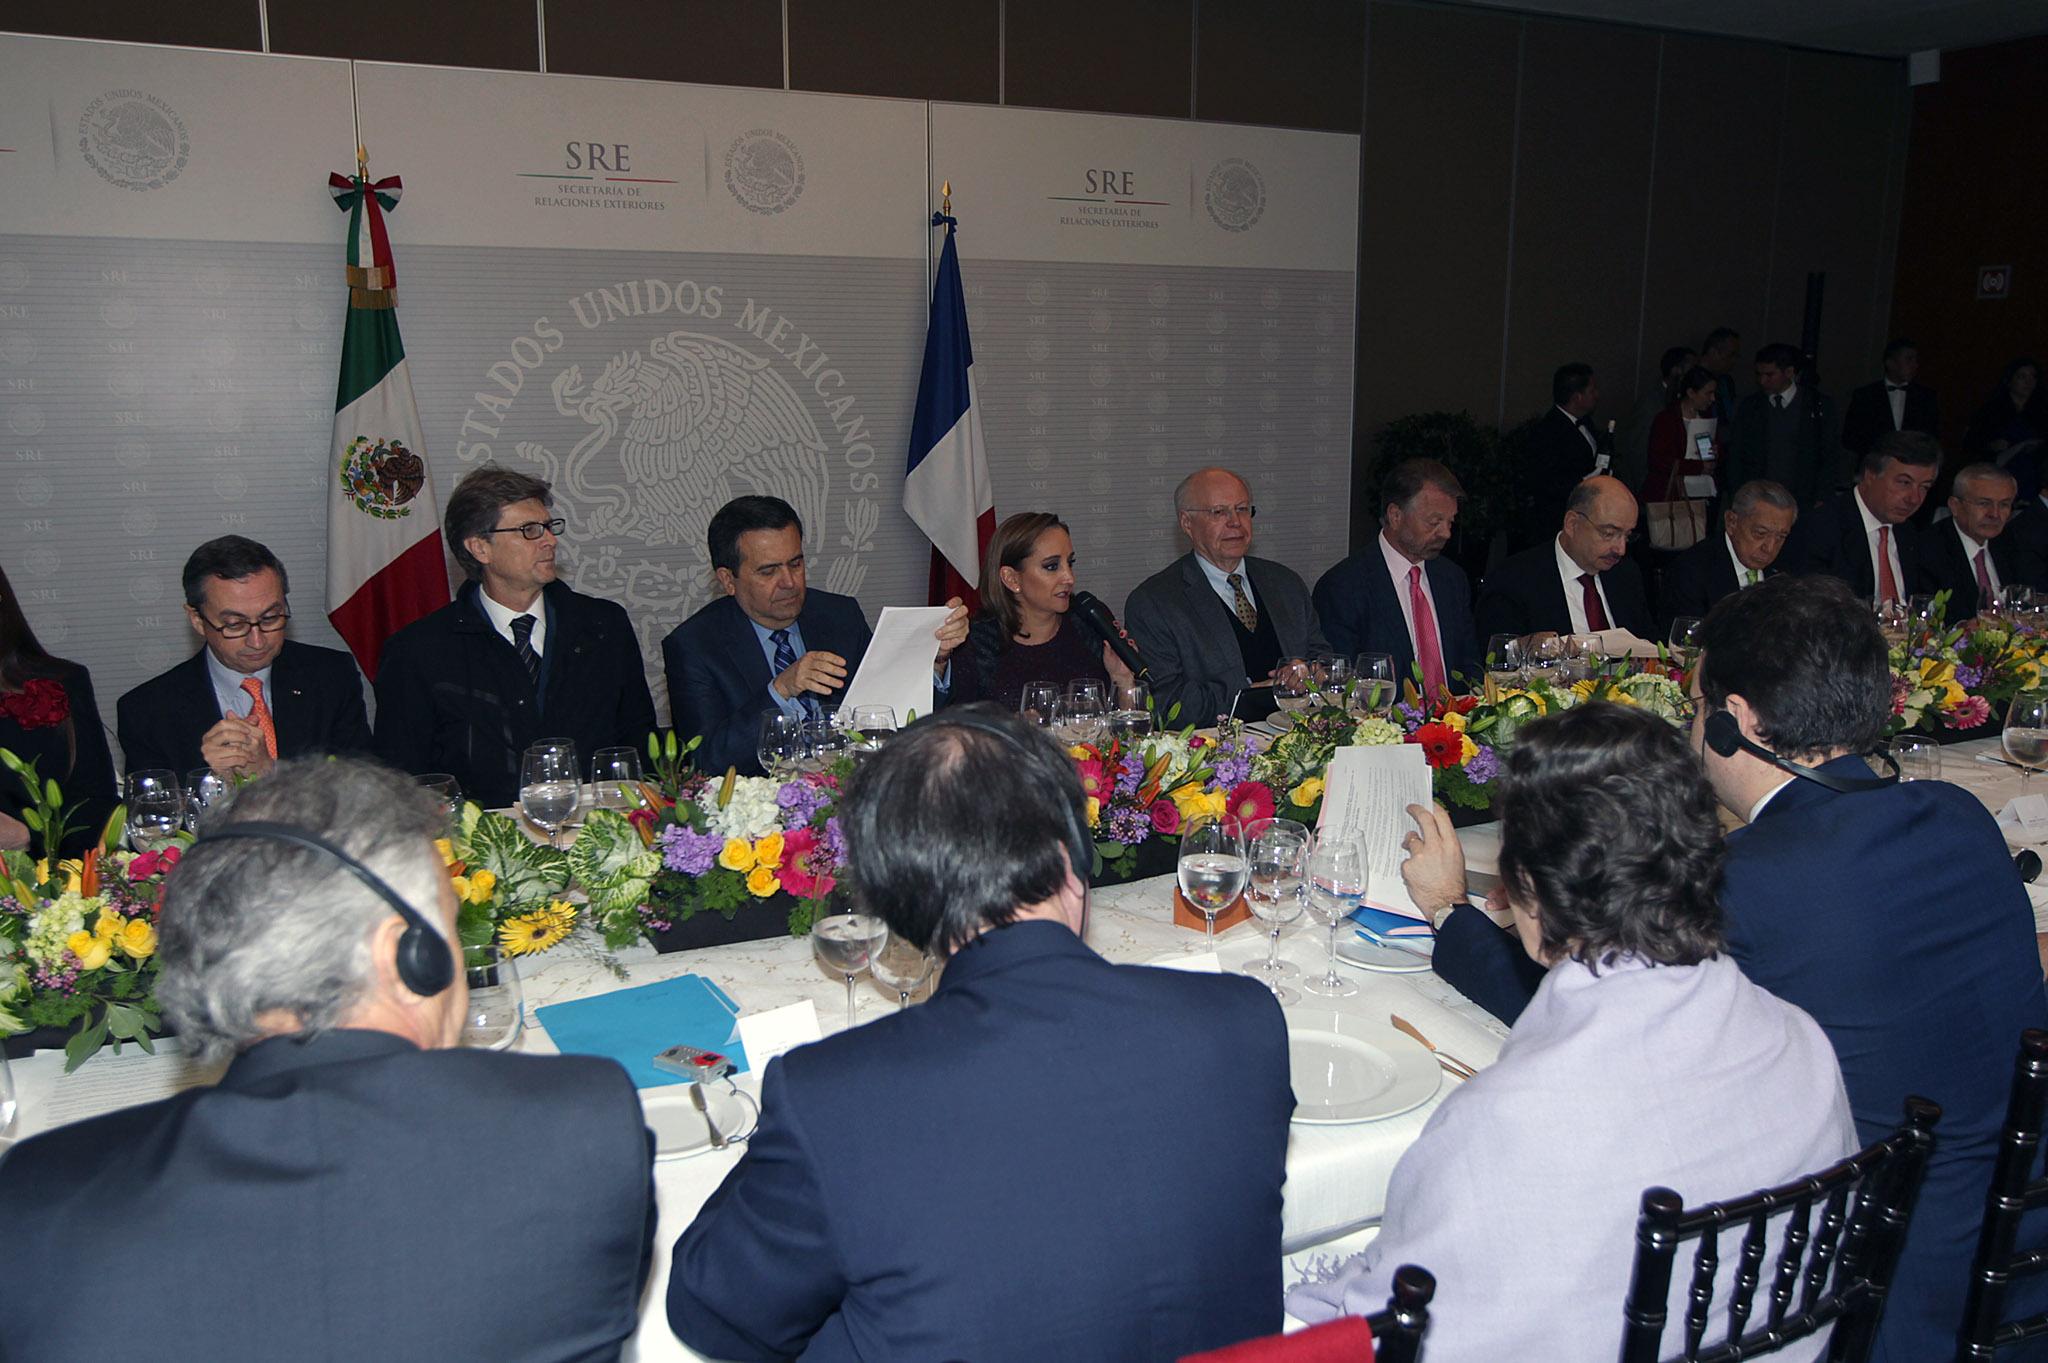 FOTO 4 Canciller Claudia Ruiz Massieu  encabez  la reuni n del Consejo Estrat gico Franco Mexicano.jpg